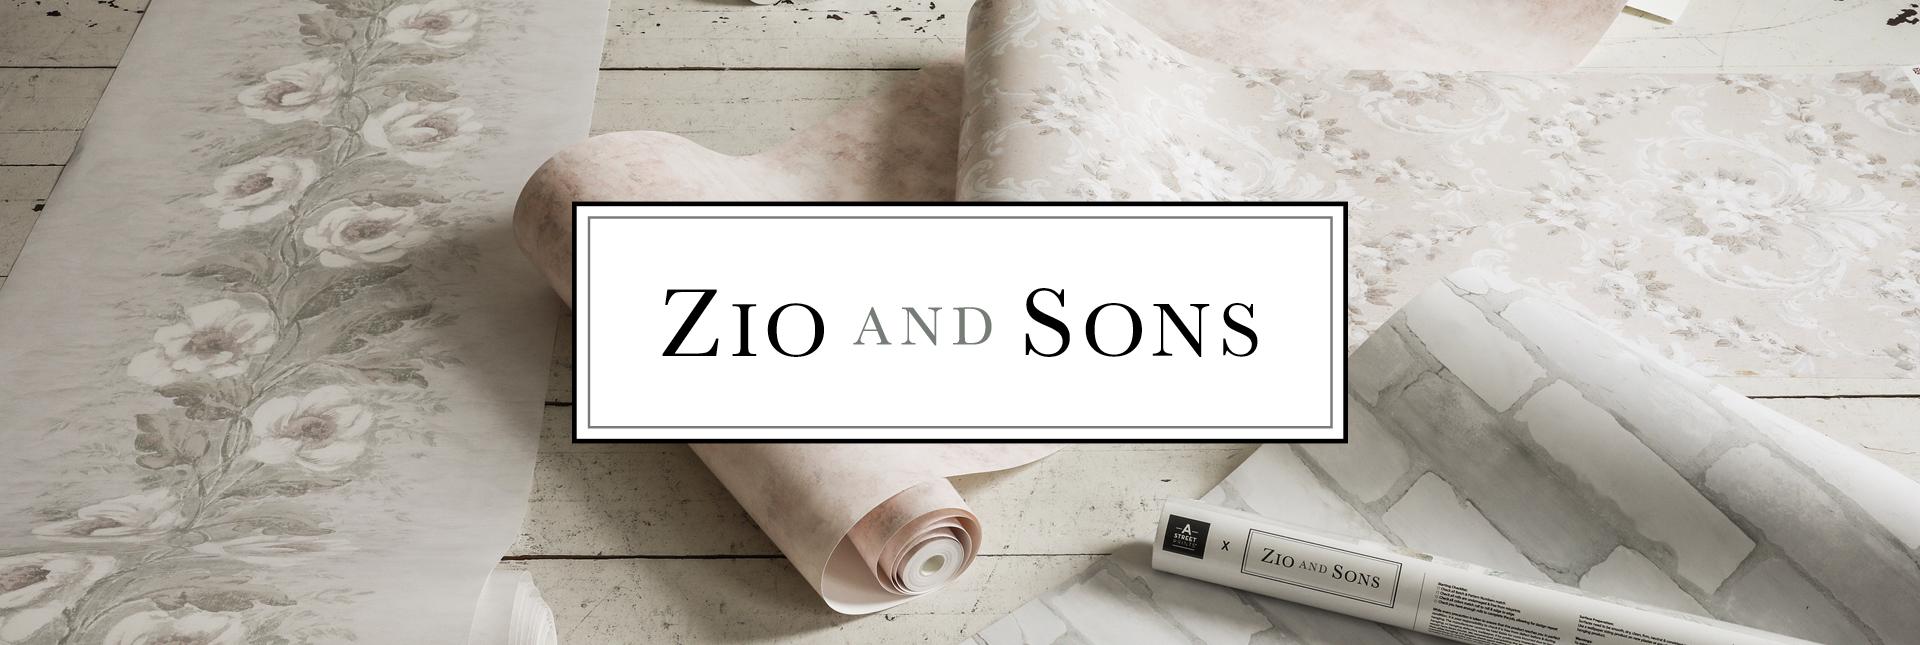 Zio & Sons x A-Street Prints